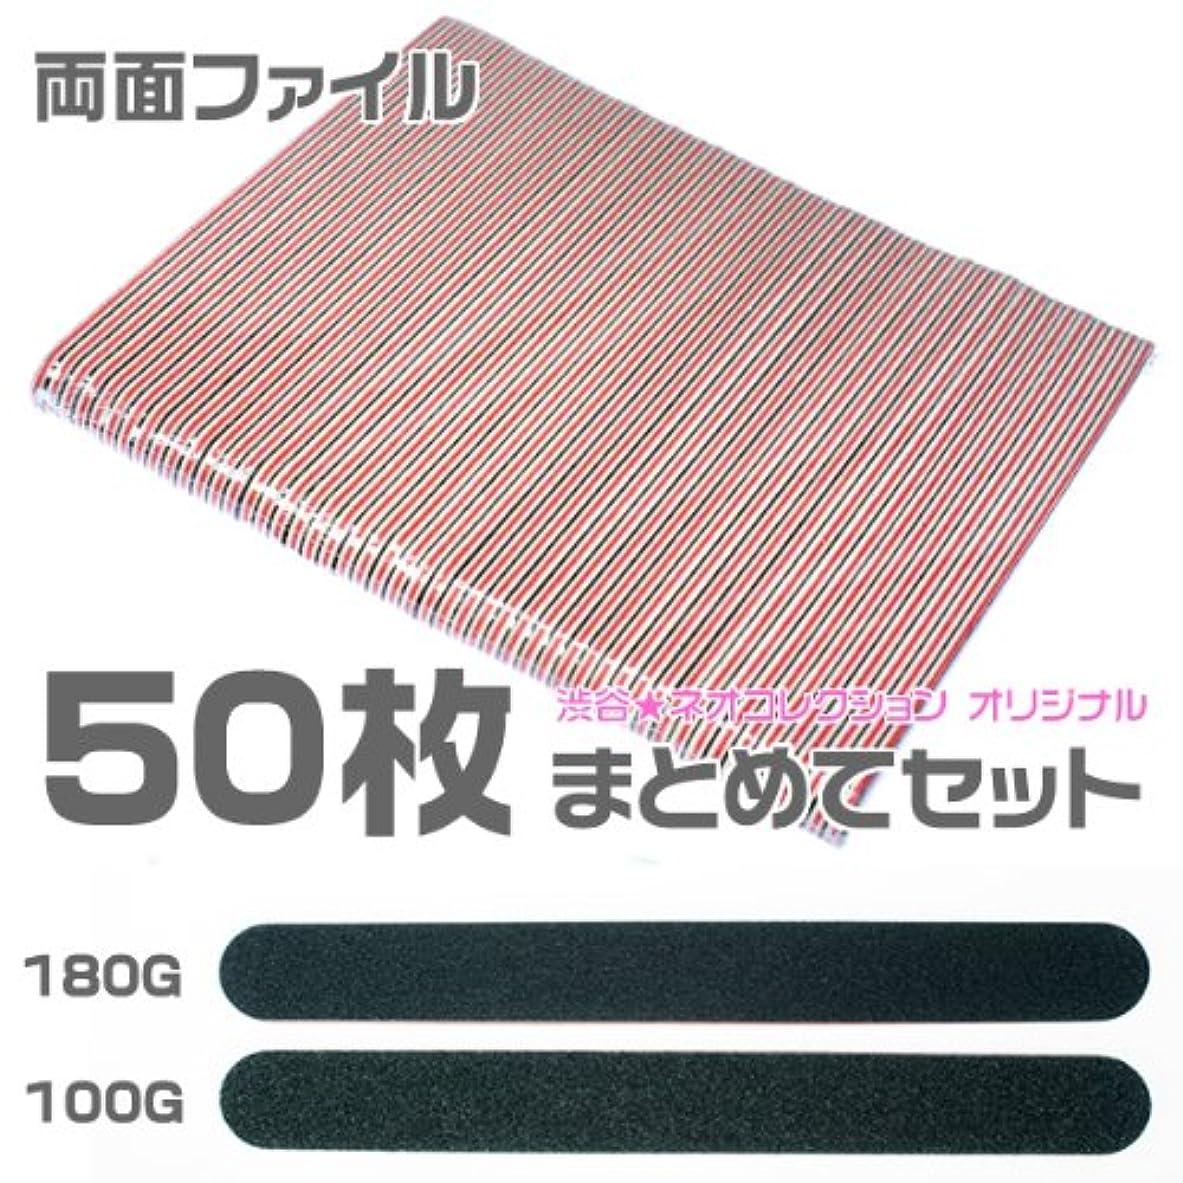 どういたしましてカートン死すべき高品質ネイルファイル50枚セット 100 180G 大量まとめ買い エメリーボード 100グリッド180グリッド